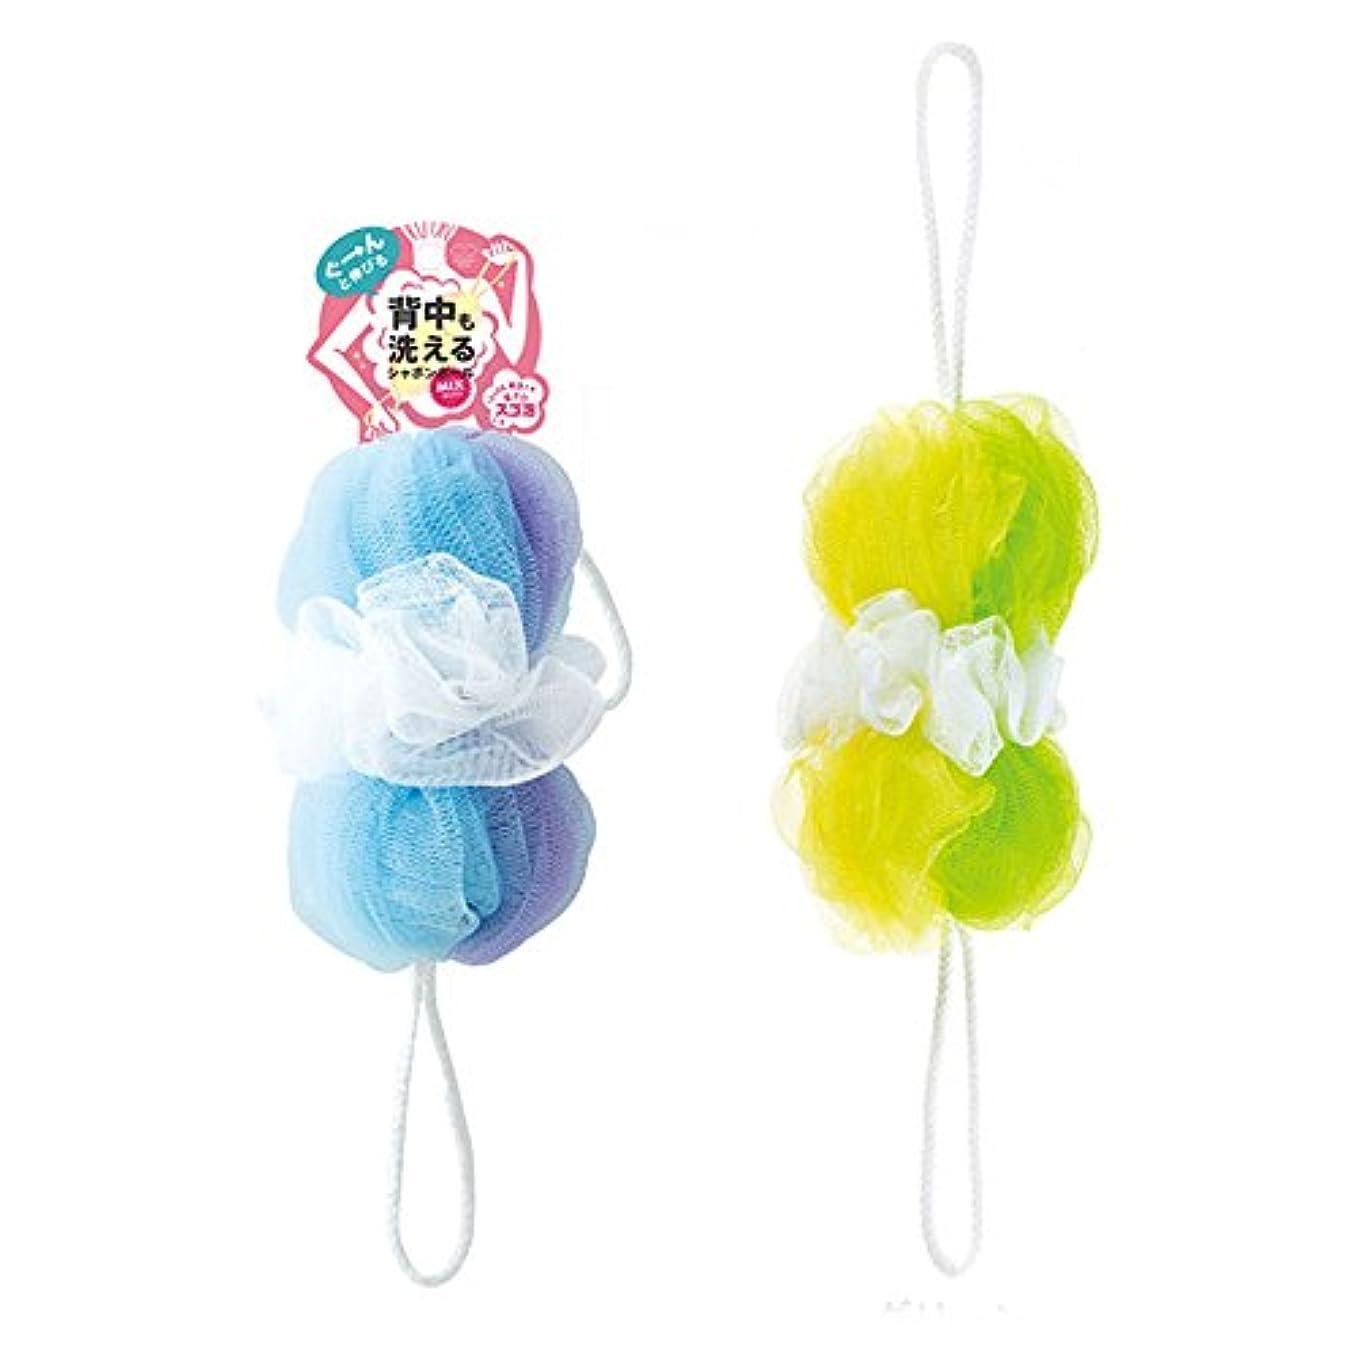 違反するケーキ松明マーナ 背中も洗えるシャボンボール ミックス 2色セット(B&G)